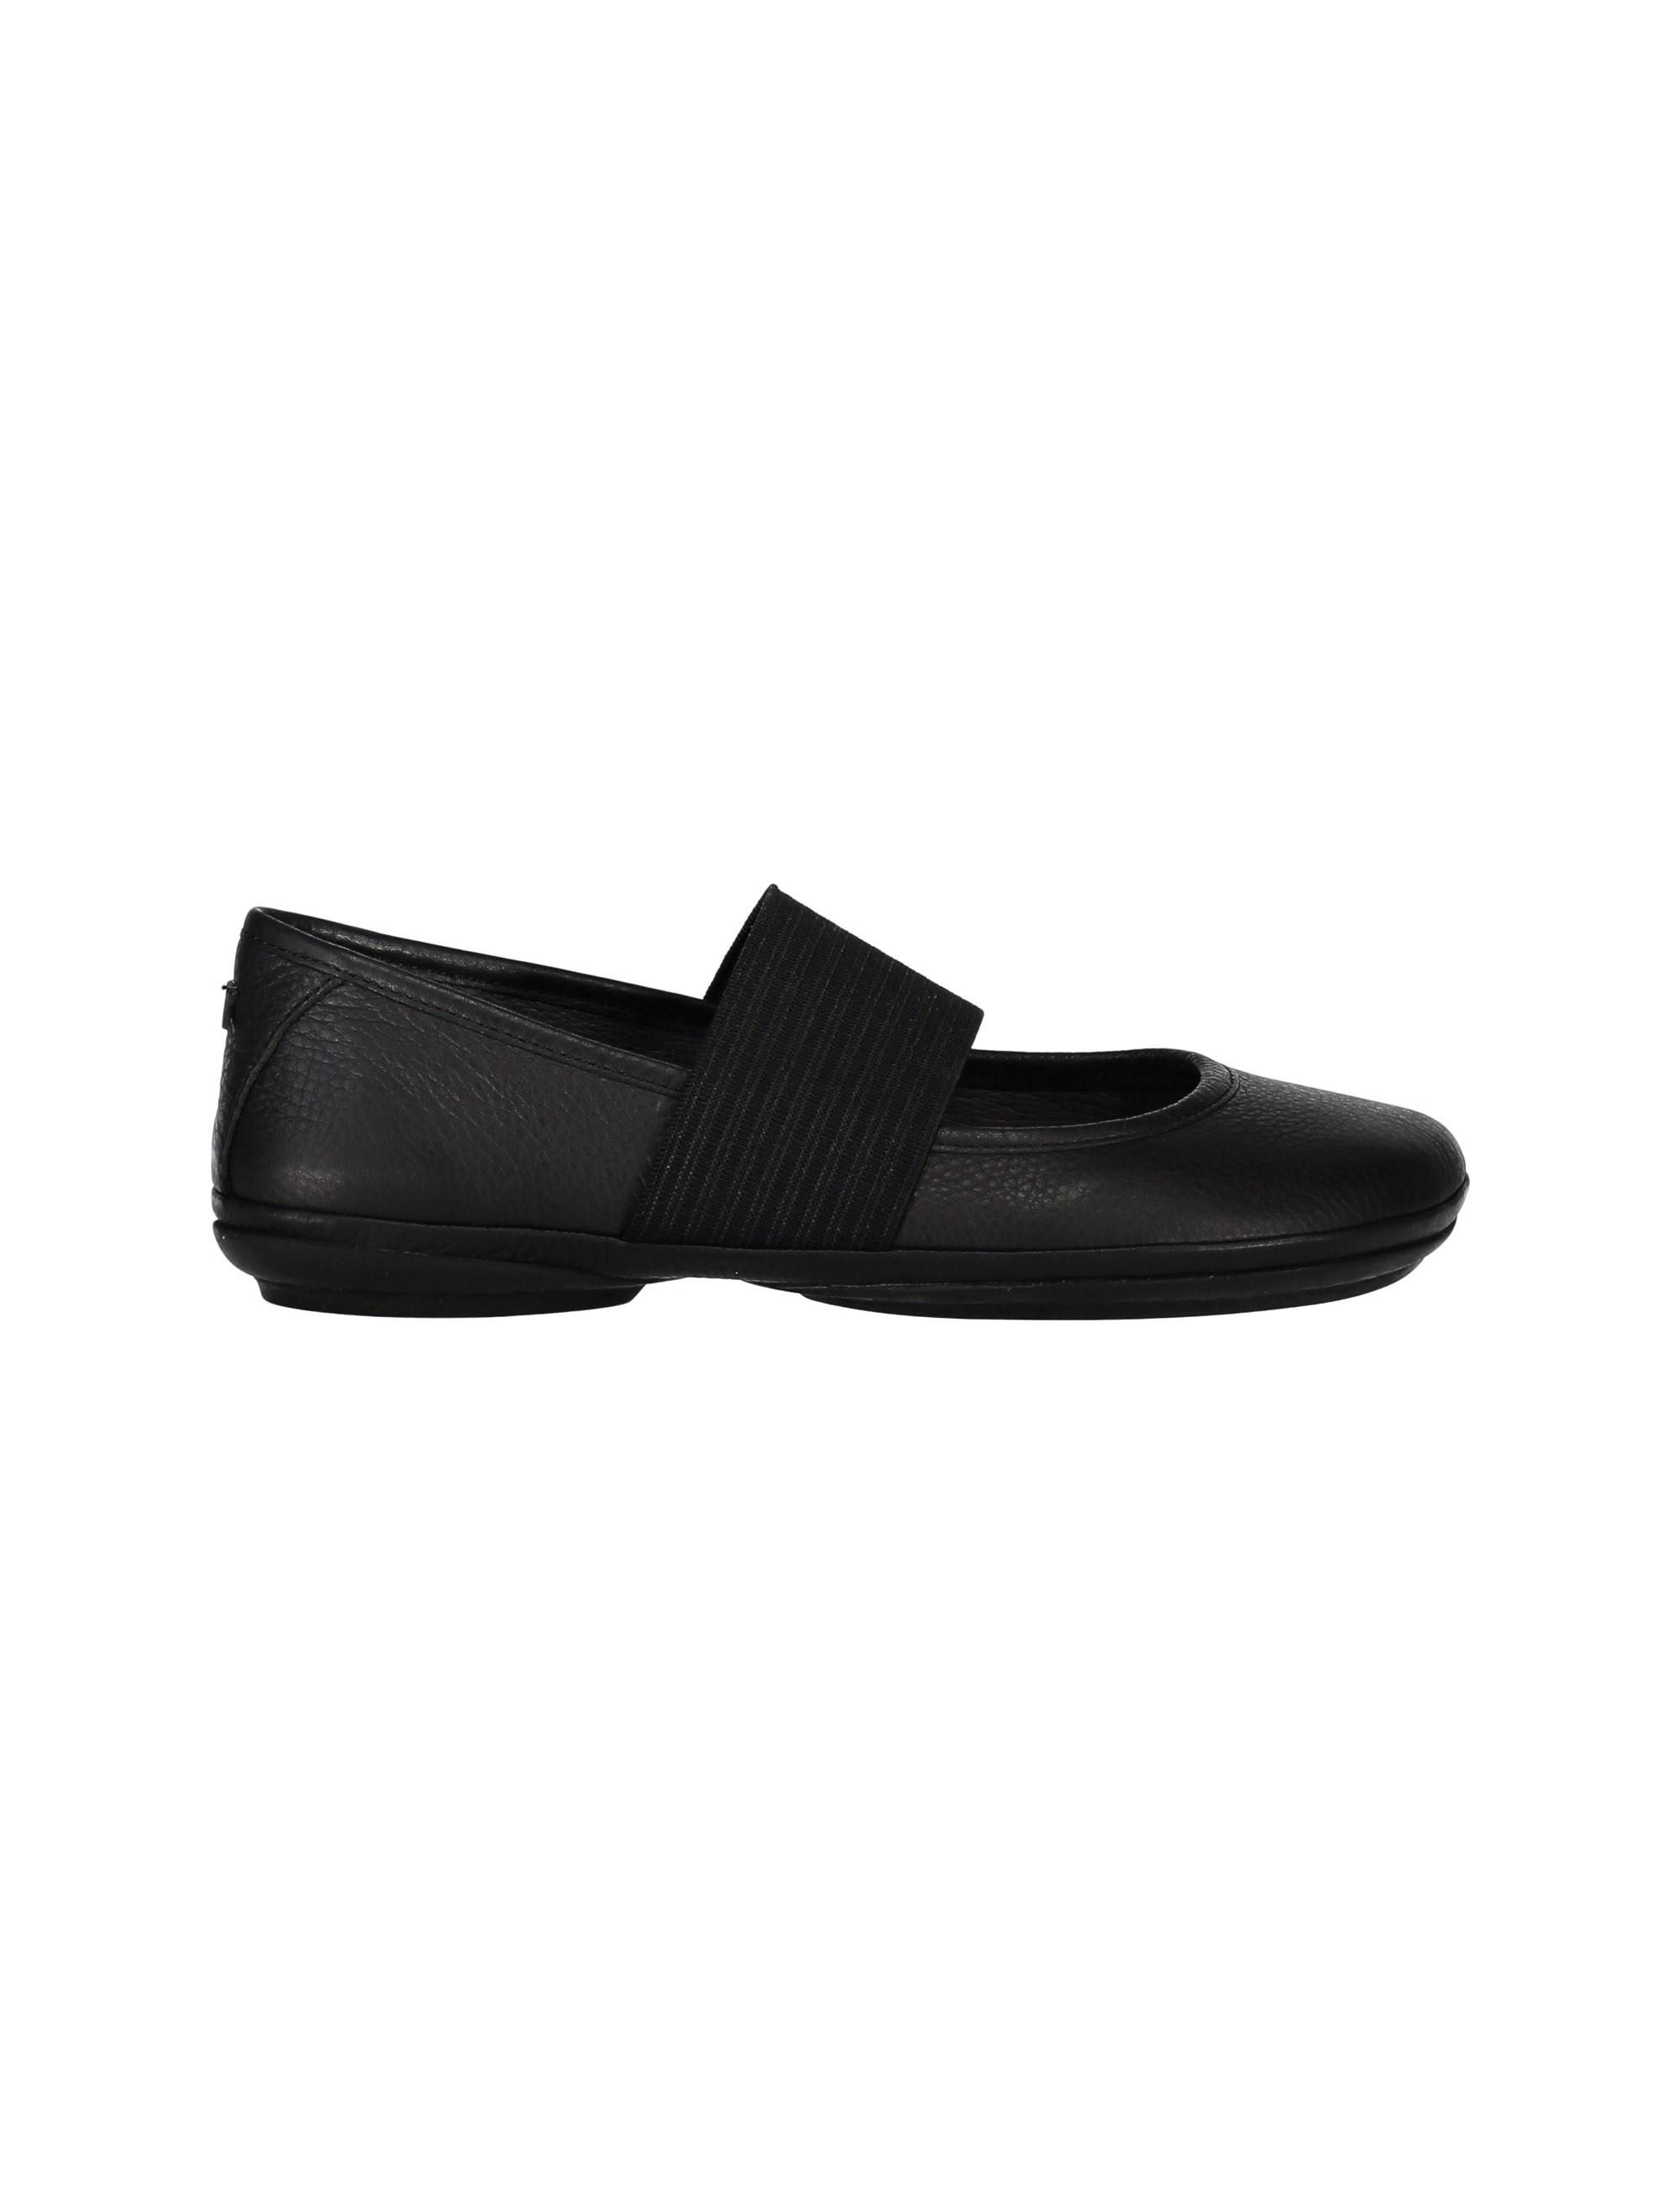 کفش تخت چرم زنانه - کمپر - مشکي - 1